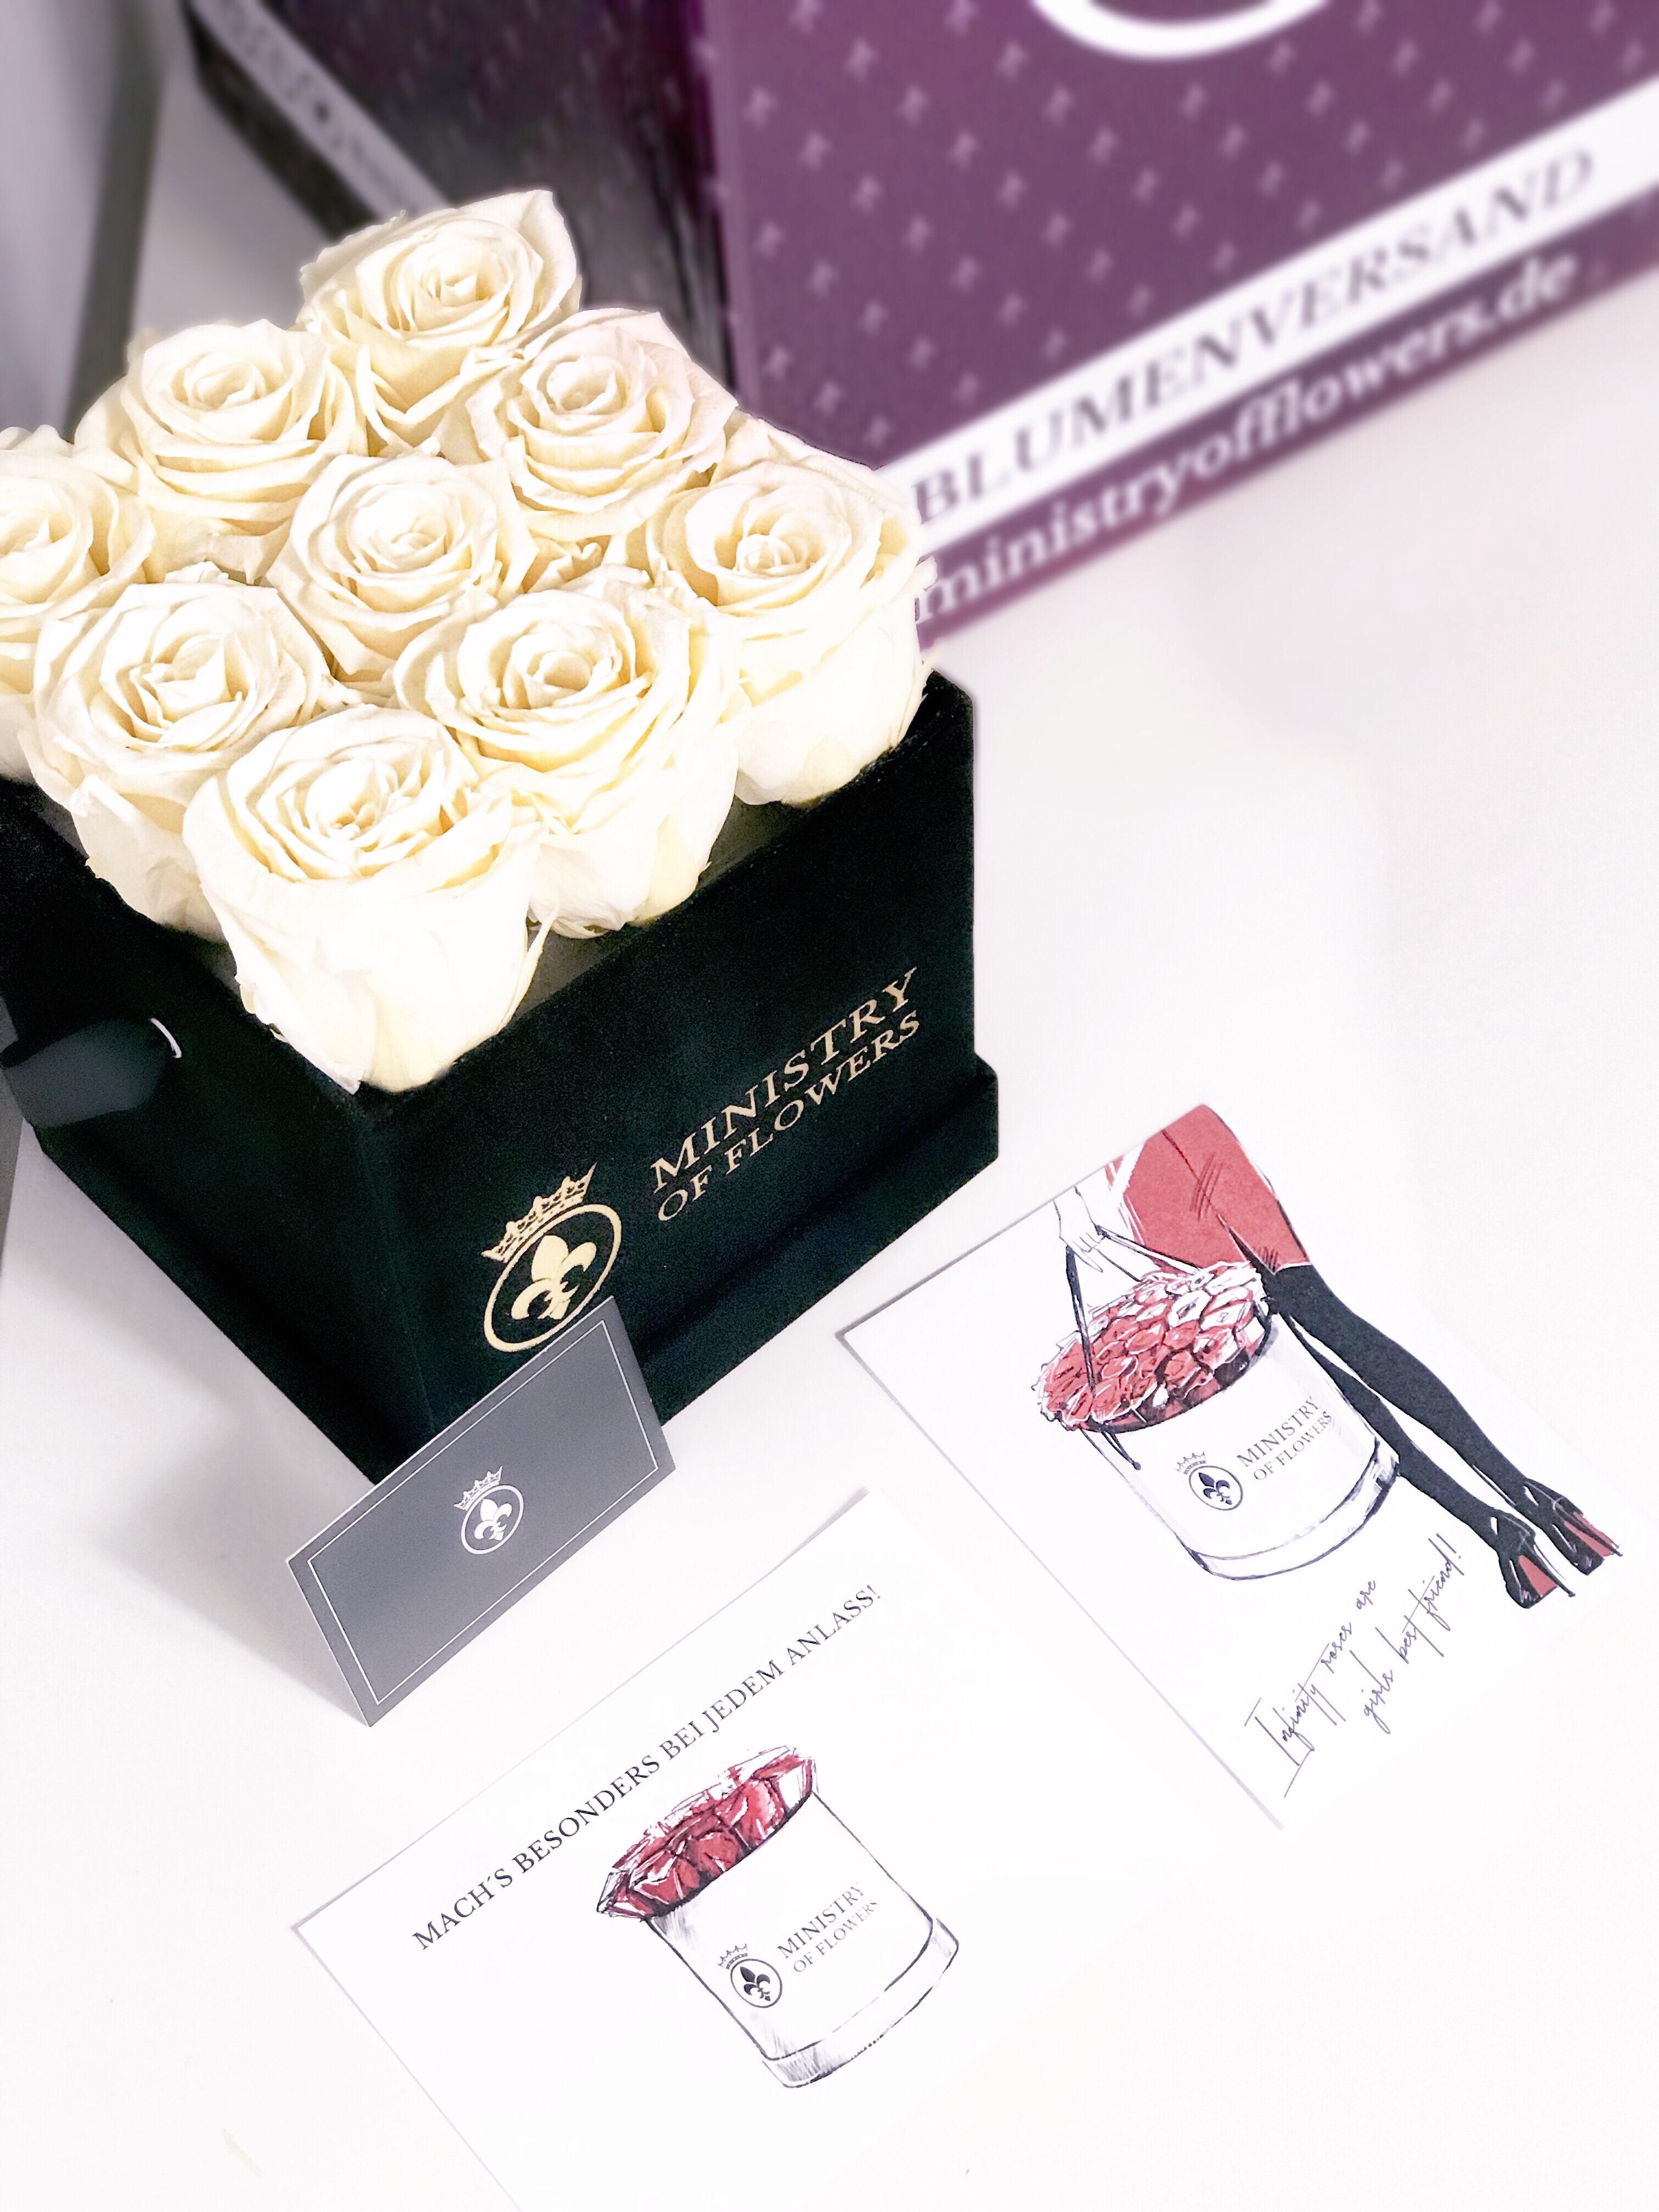 Flowerbox von MinistryOfFlowers – eine Geschenkidee, nicht nur zum Valentinstag + Gewinnspiel